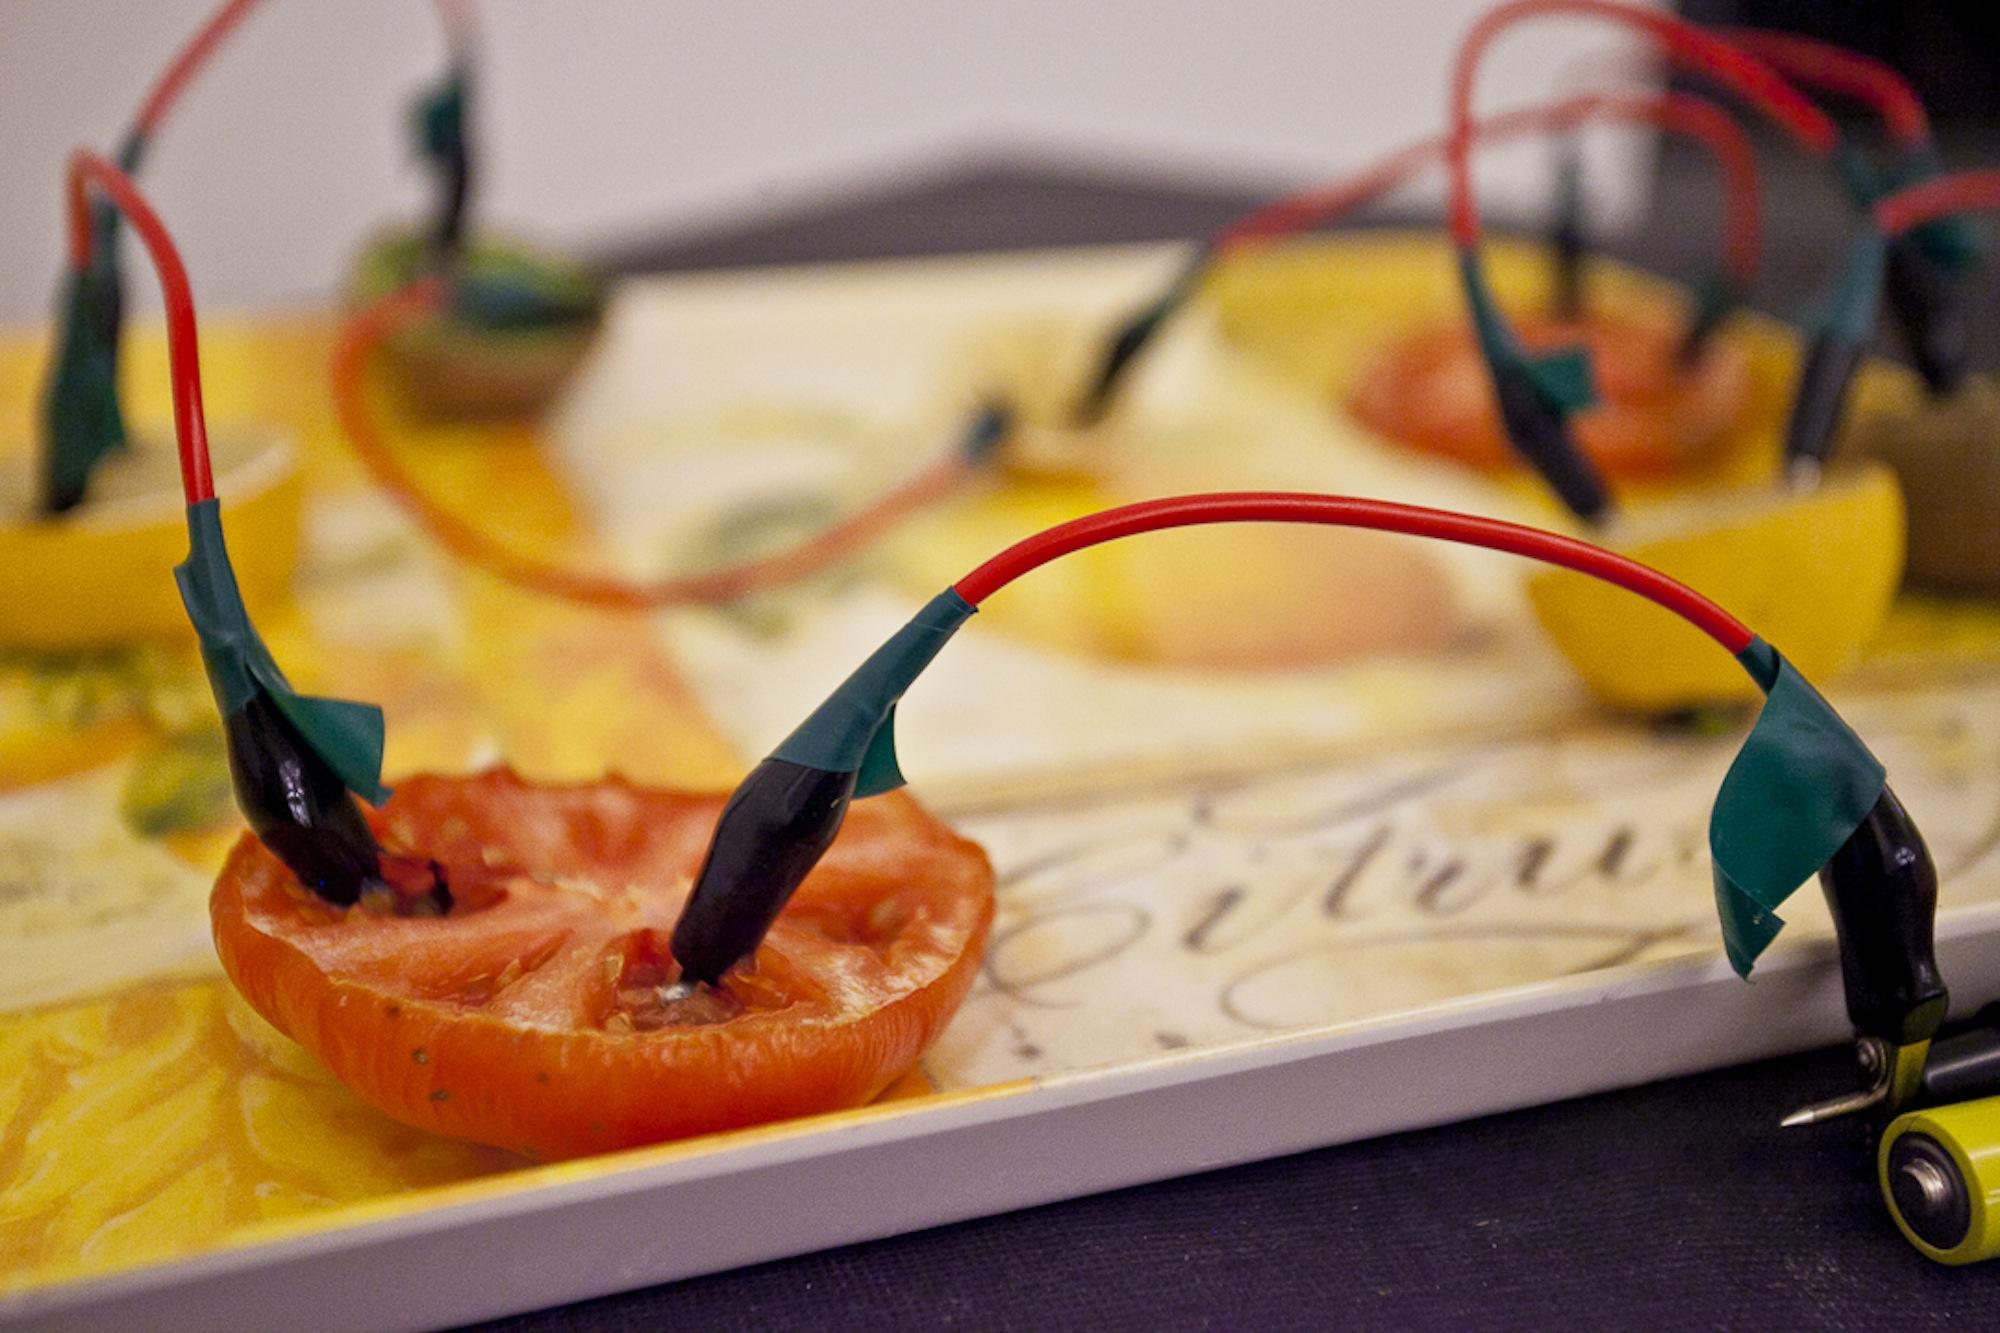 Food immersion la scienza in cucina gagarin magazine for Cucinare definizione